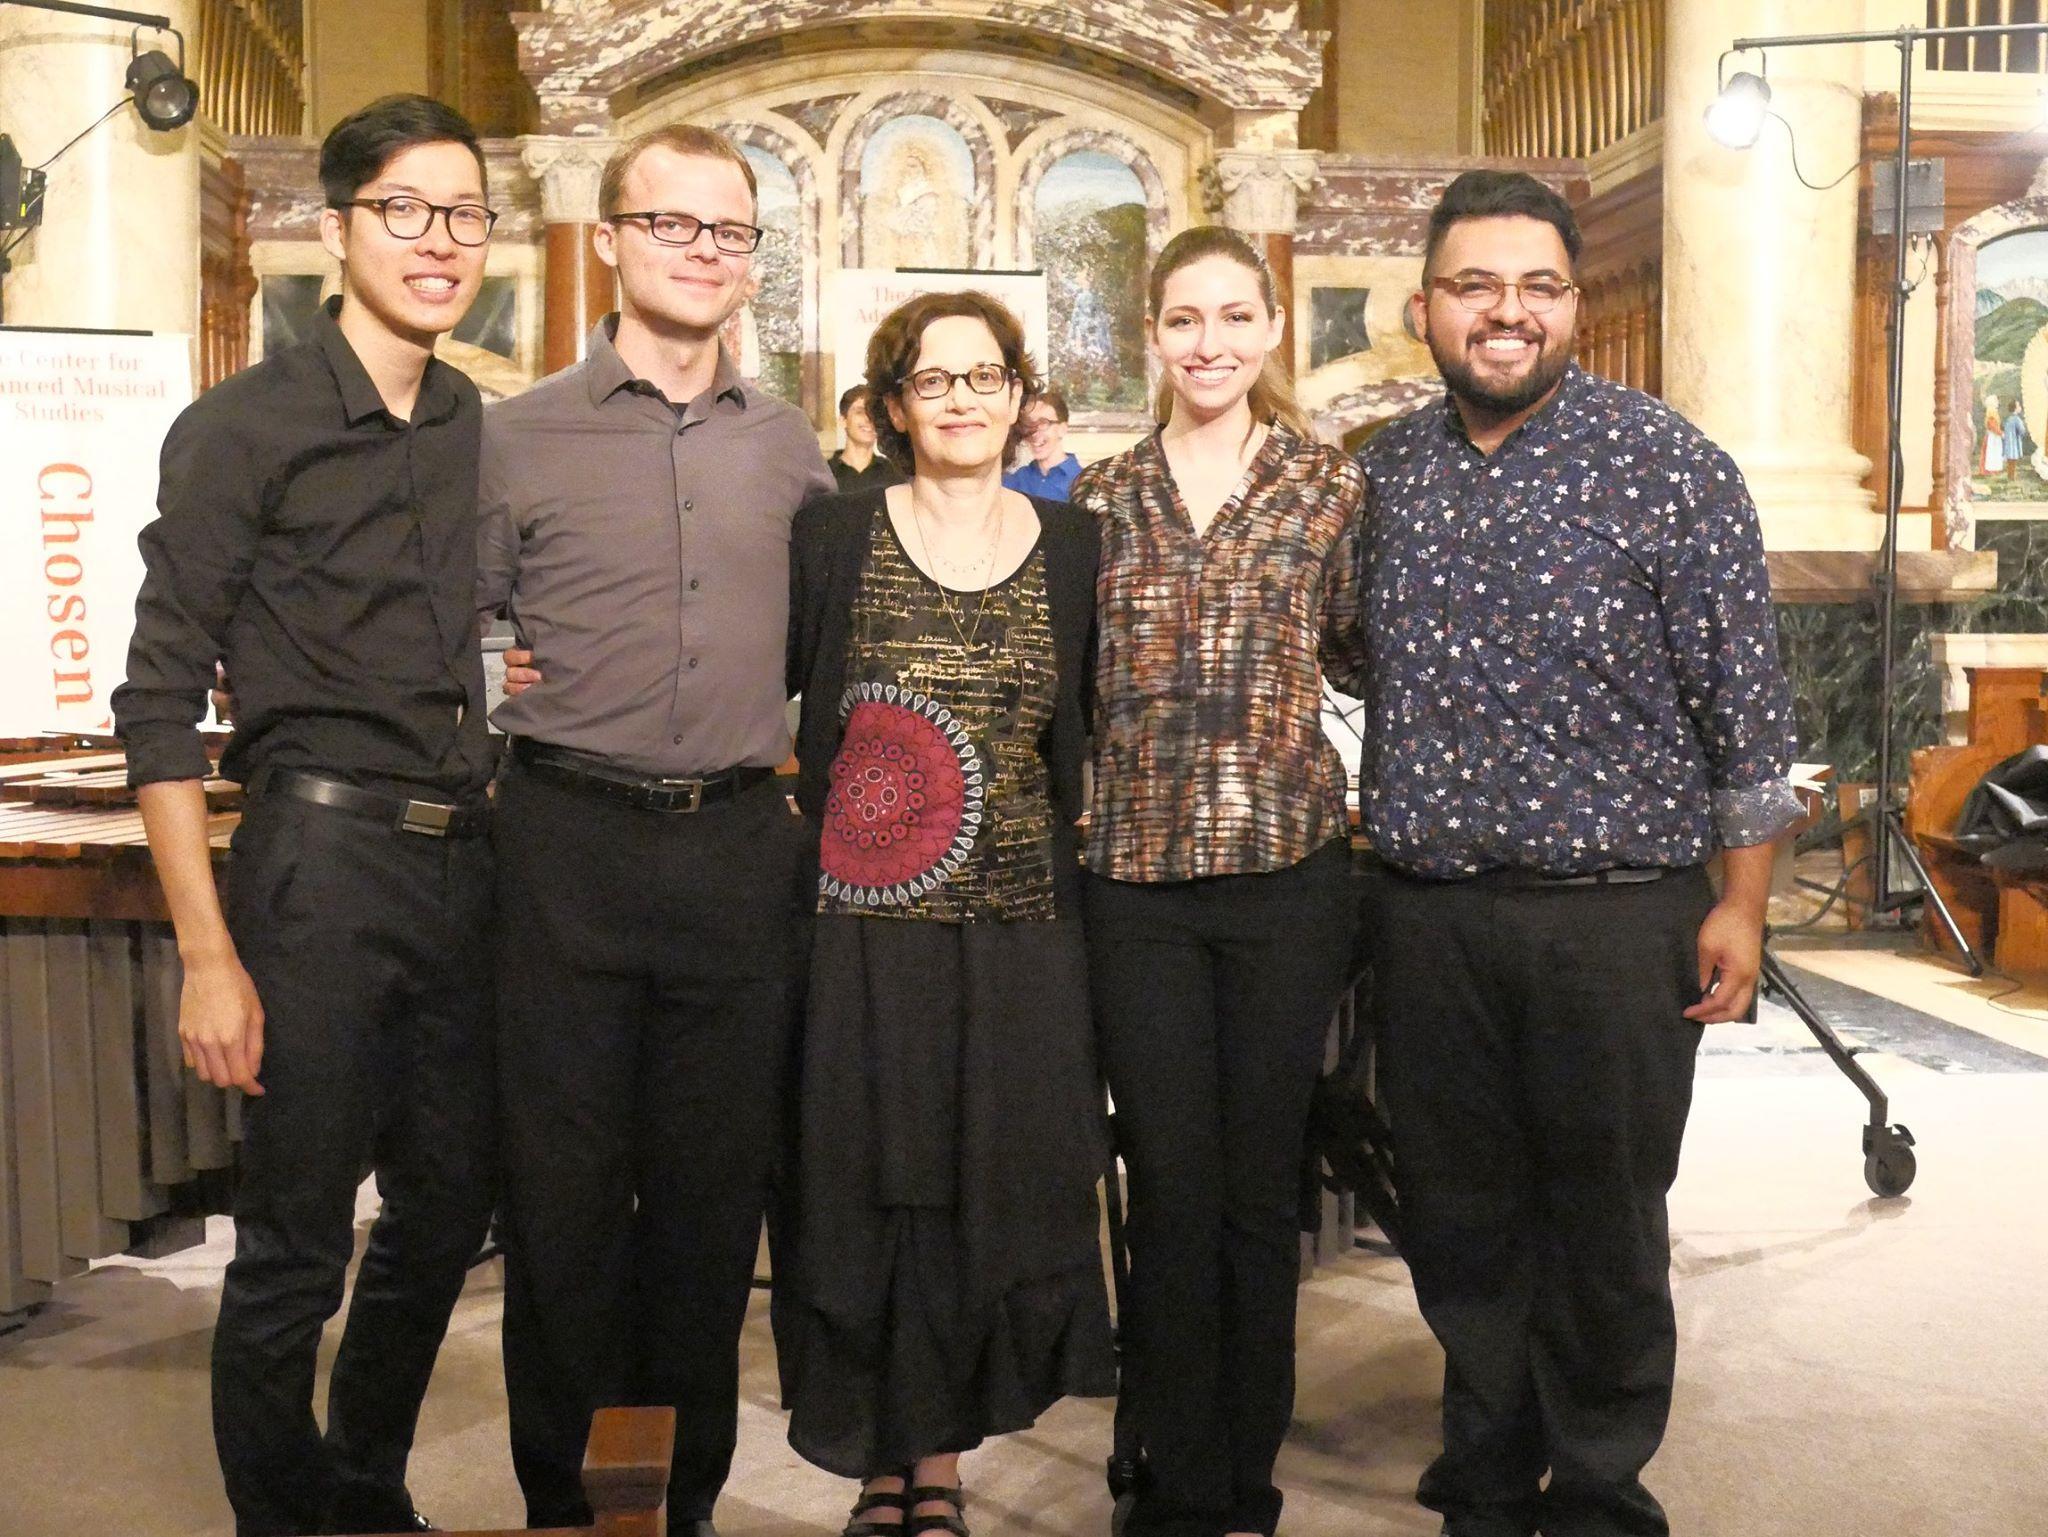 Performing Levitan's Marimba Quartet